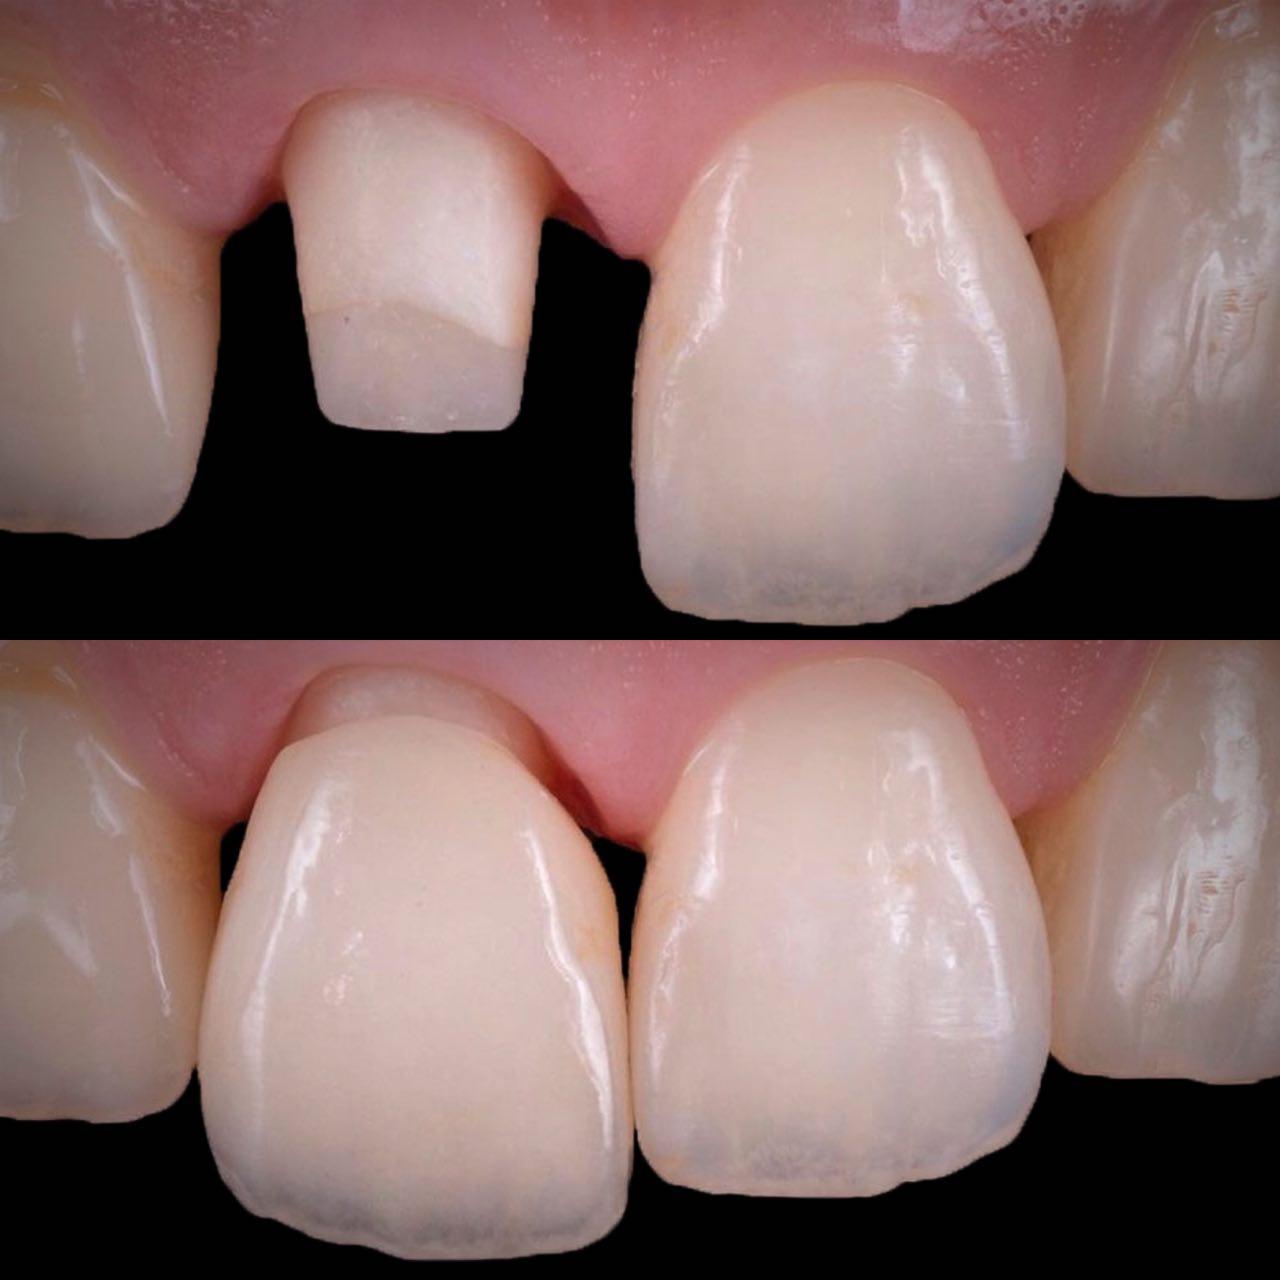 IMG D4ED04F6DCD8 2 - Керамічні зубні коронки